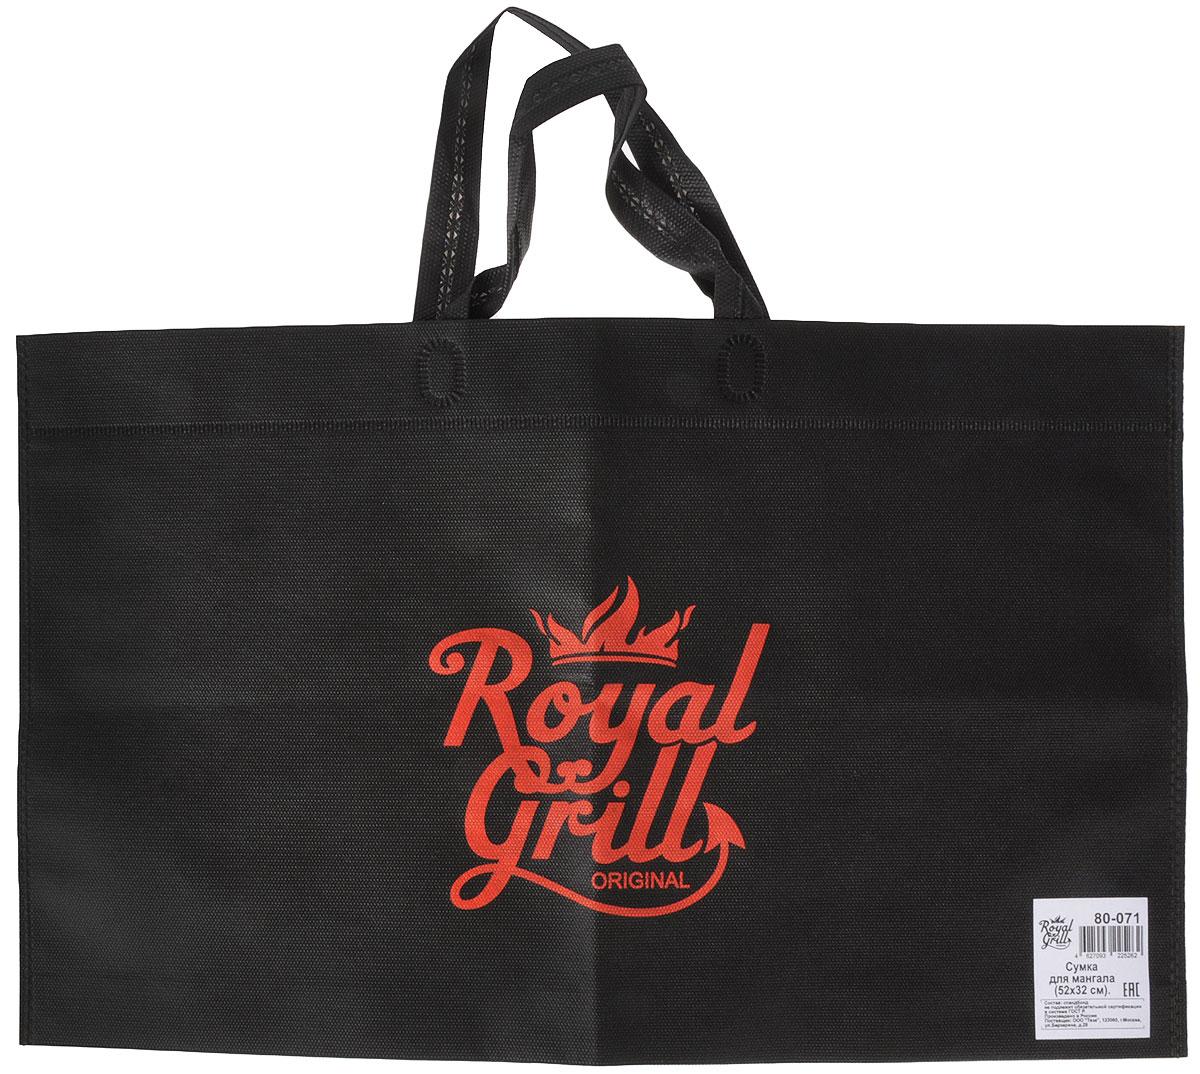 Сумка для мангала RoyalGrill, 52 х 32 см. 80-07180-071Сумка изготовлена из спандбонда и предназначена для переноски мангала на пикнике и в туристических походах. Изделие оснащено двумя удобными ручками. Размер сумки: 52 х 32 см. Высота ручек: 14 см.